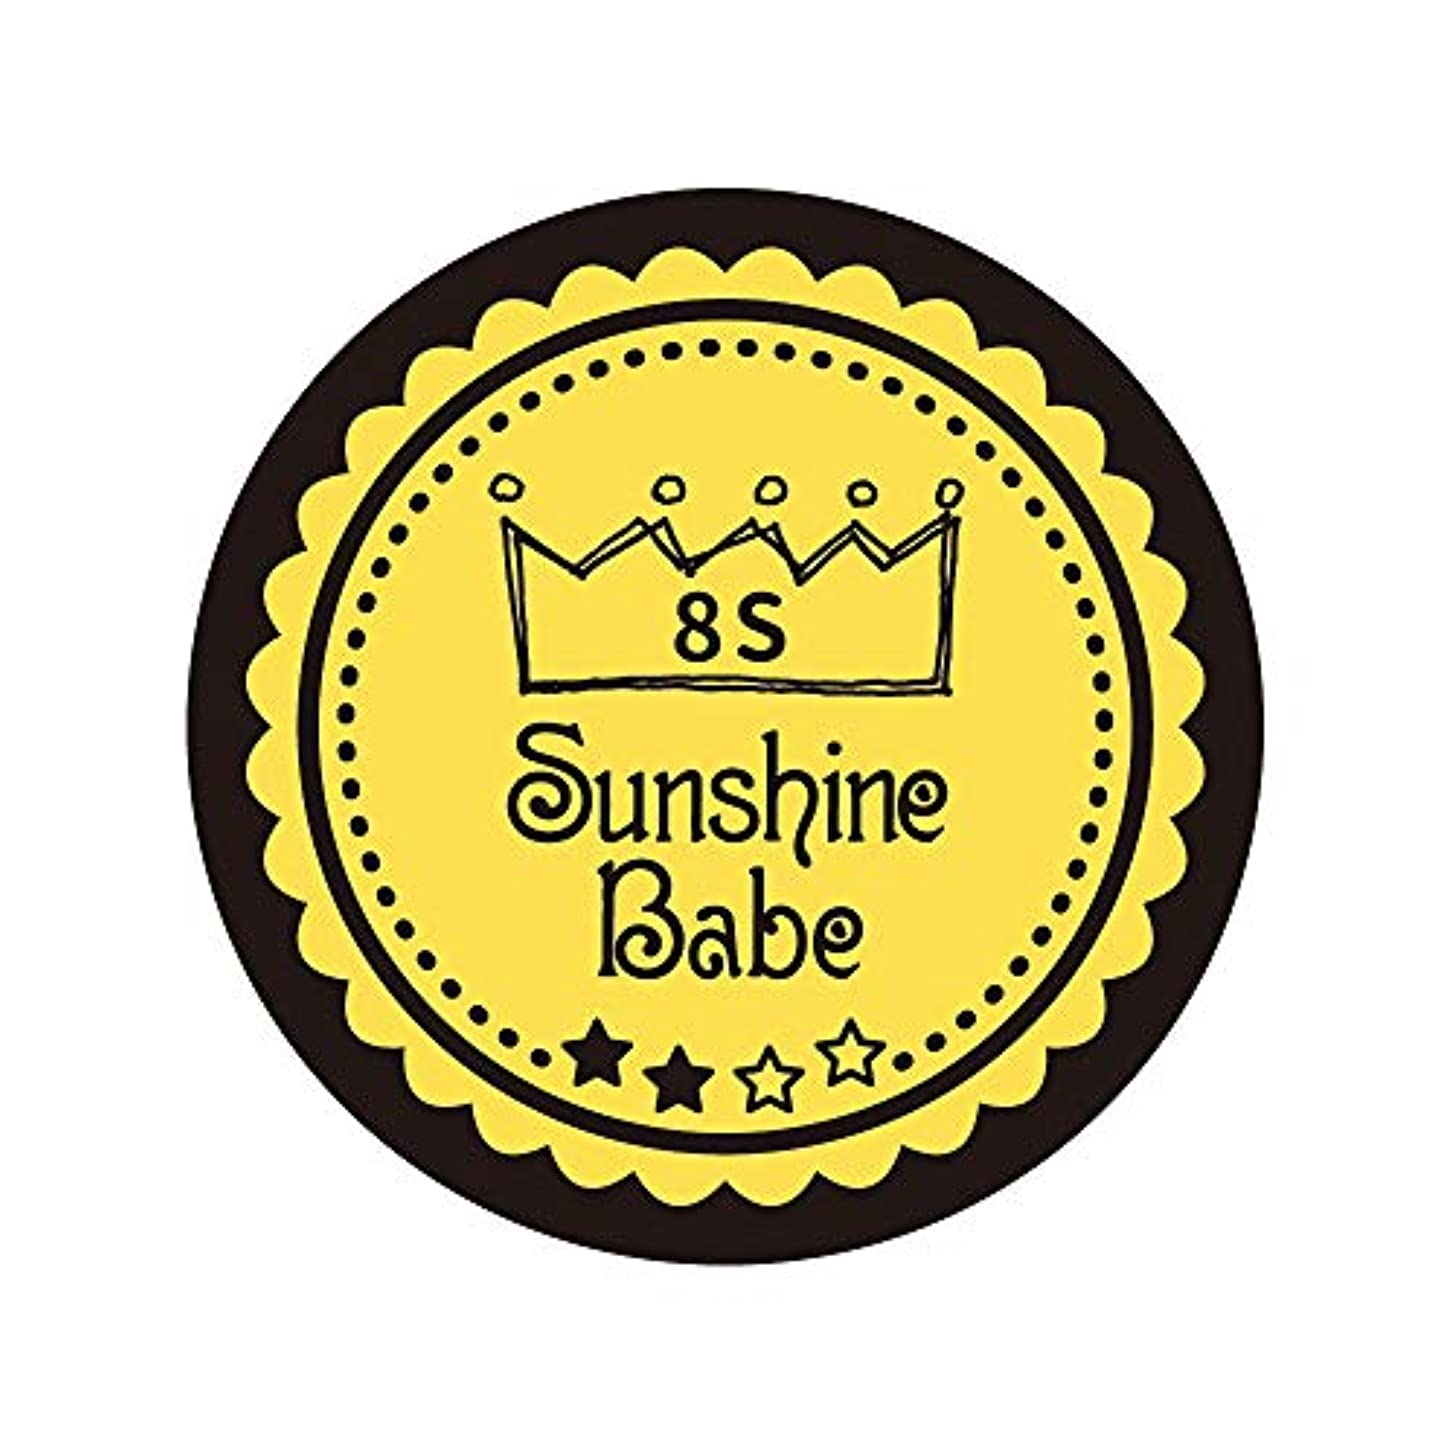 エキゾチック更新サイバースペースSunshine Babe カラージェル 8S メドウラーク 2.7g UV/LED対応